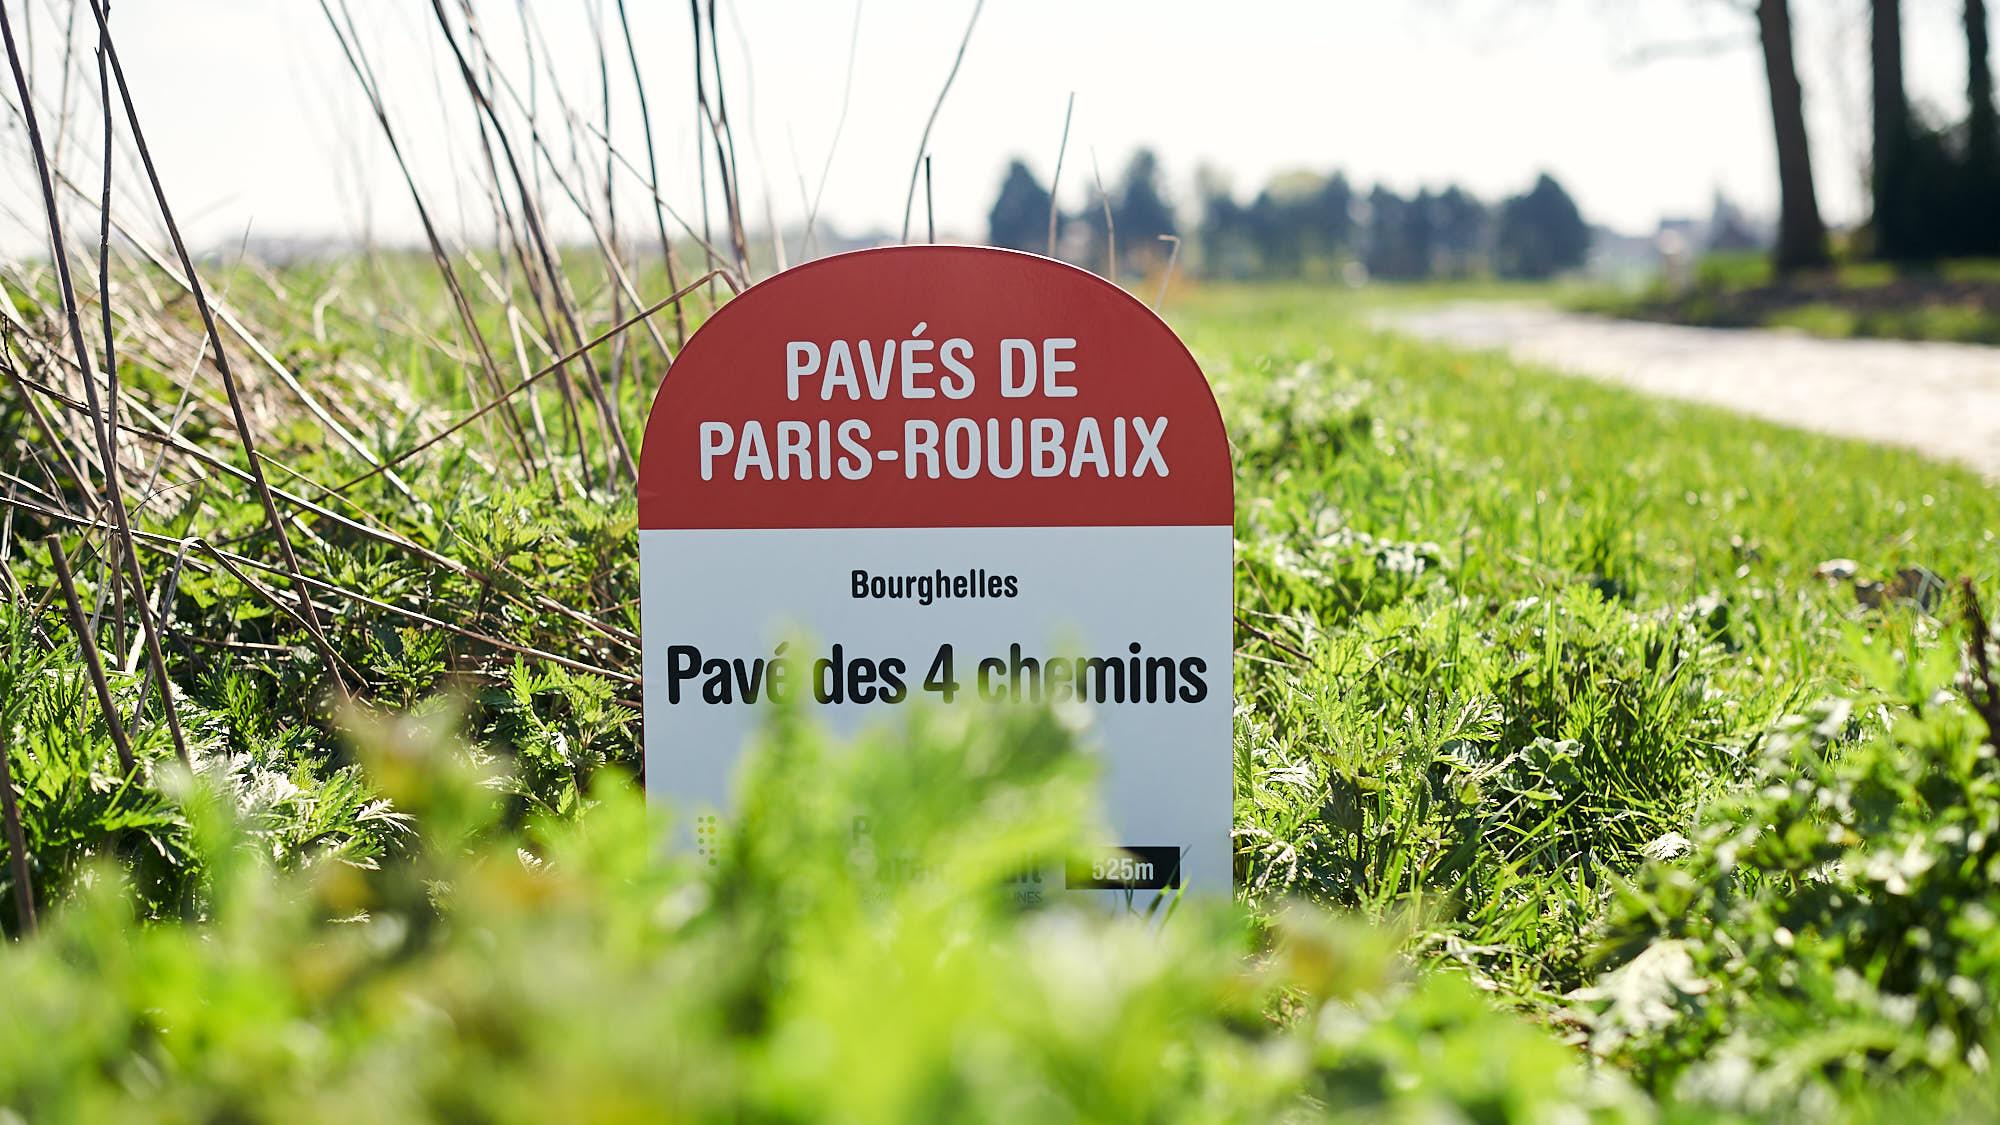 Paris-Roubaix cobbles section sign